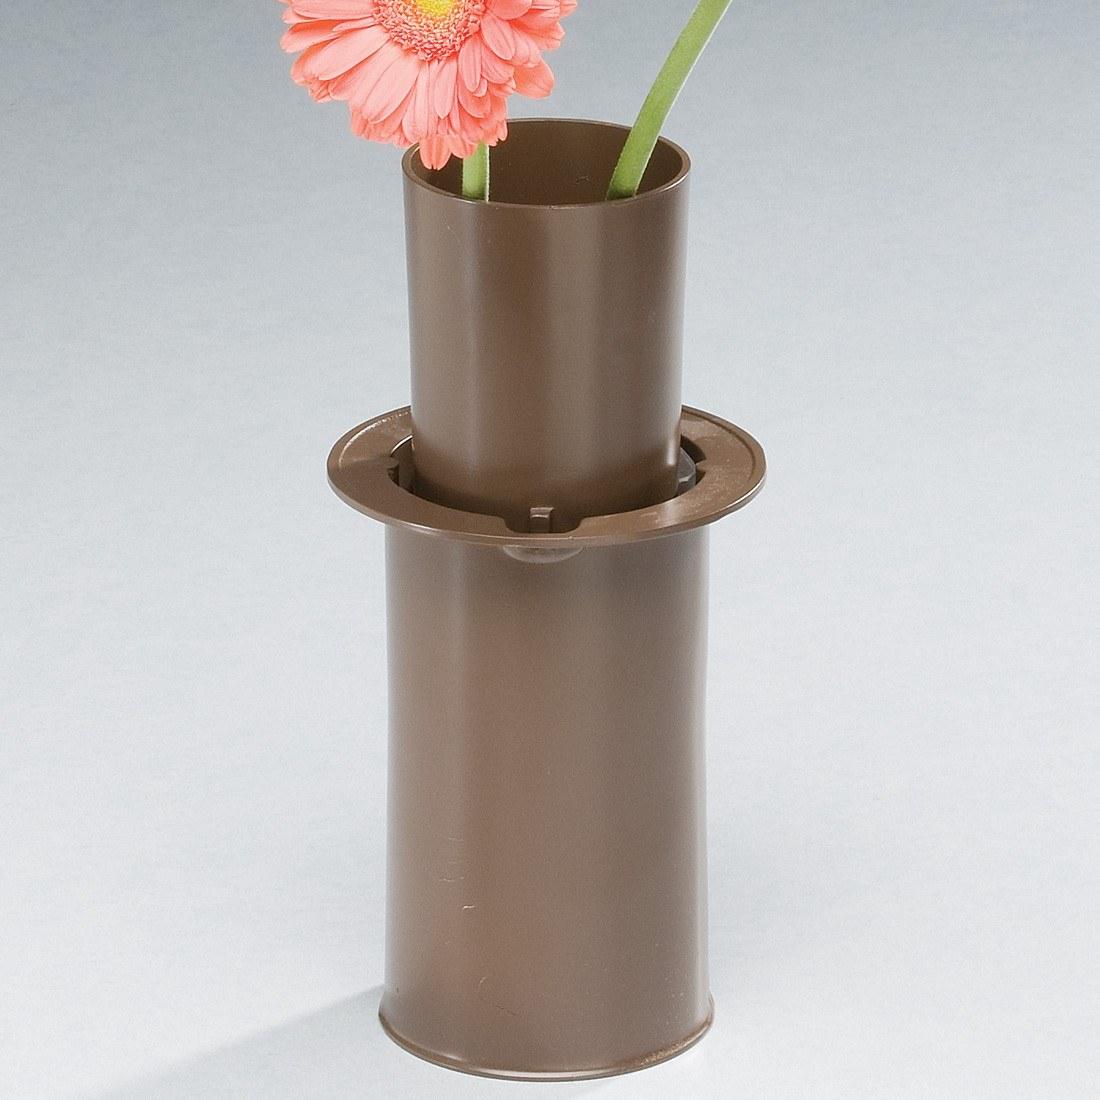 moderne bronze cemetery vase. Black Bedroom Furniture Sets. Home Design Ideas